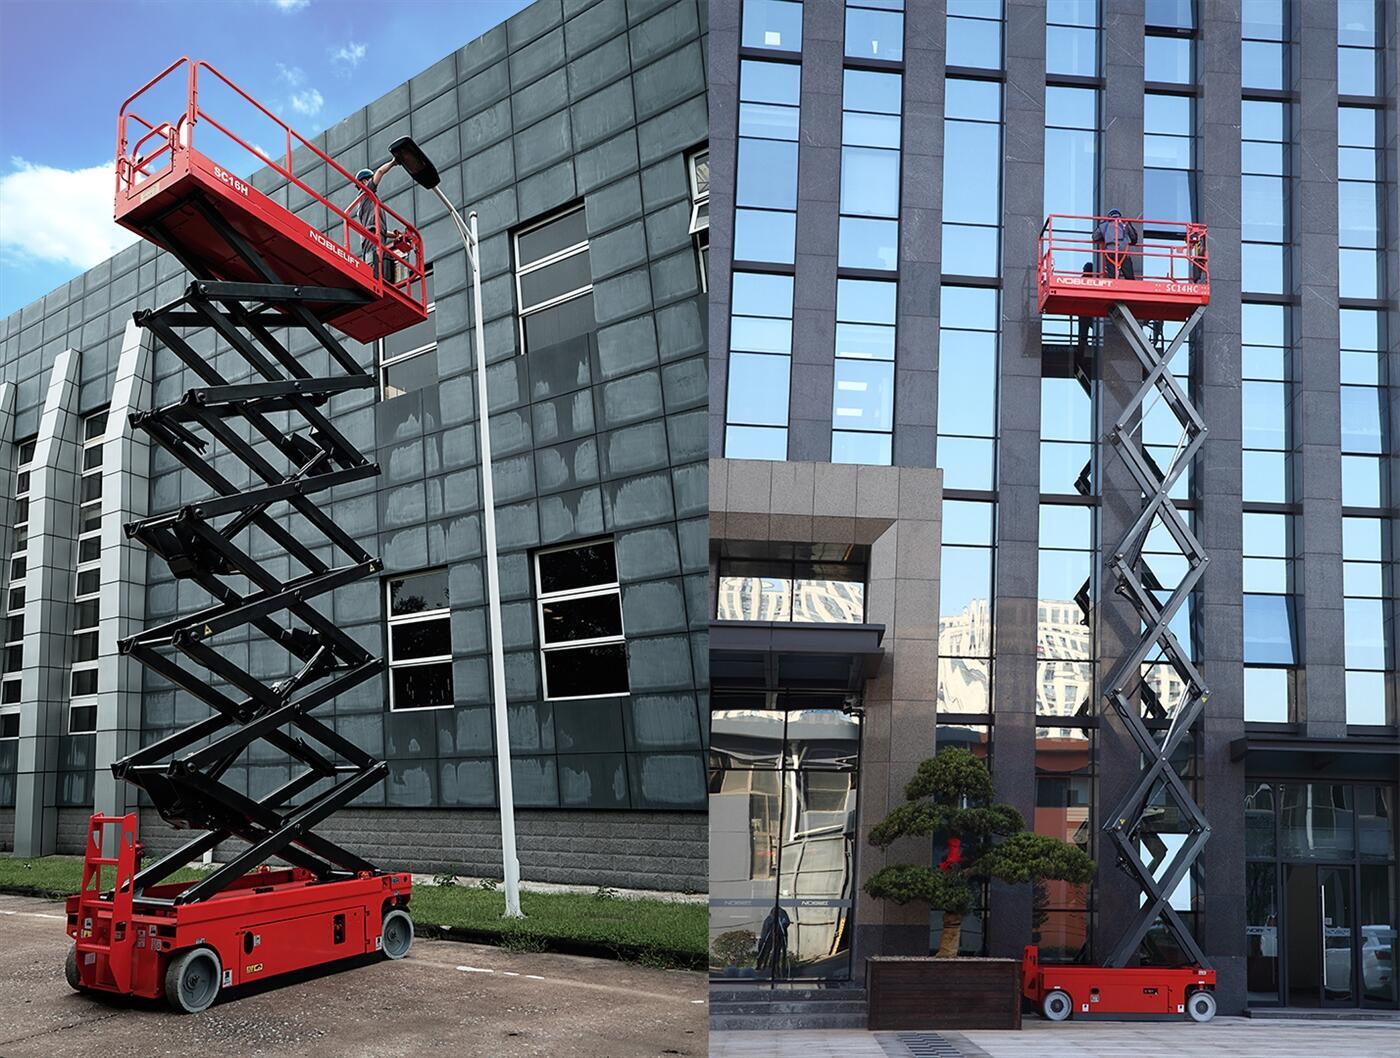 xe nâng người tự hành , xe nâng người 12 mét , thang nâng người thi công , hình ảnh xe nâng người tự hành